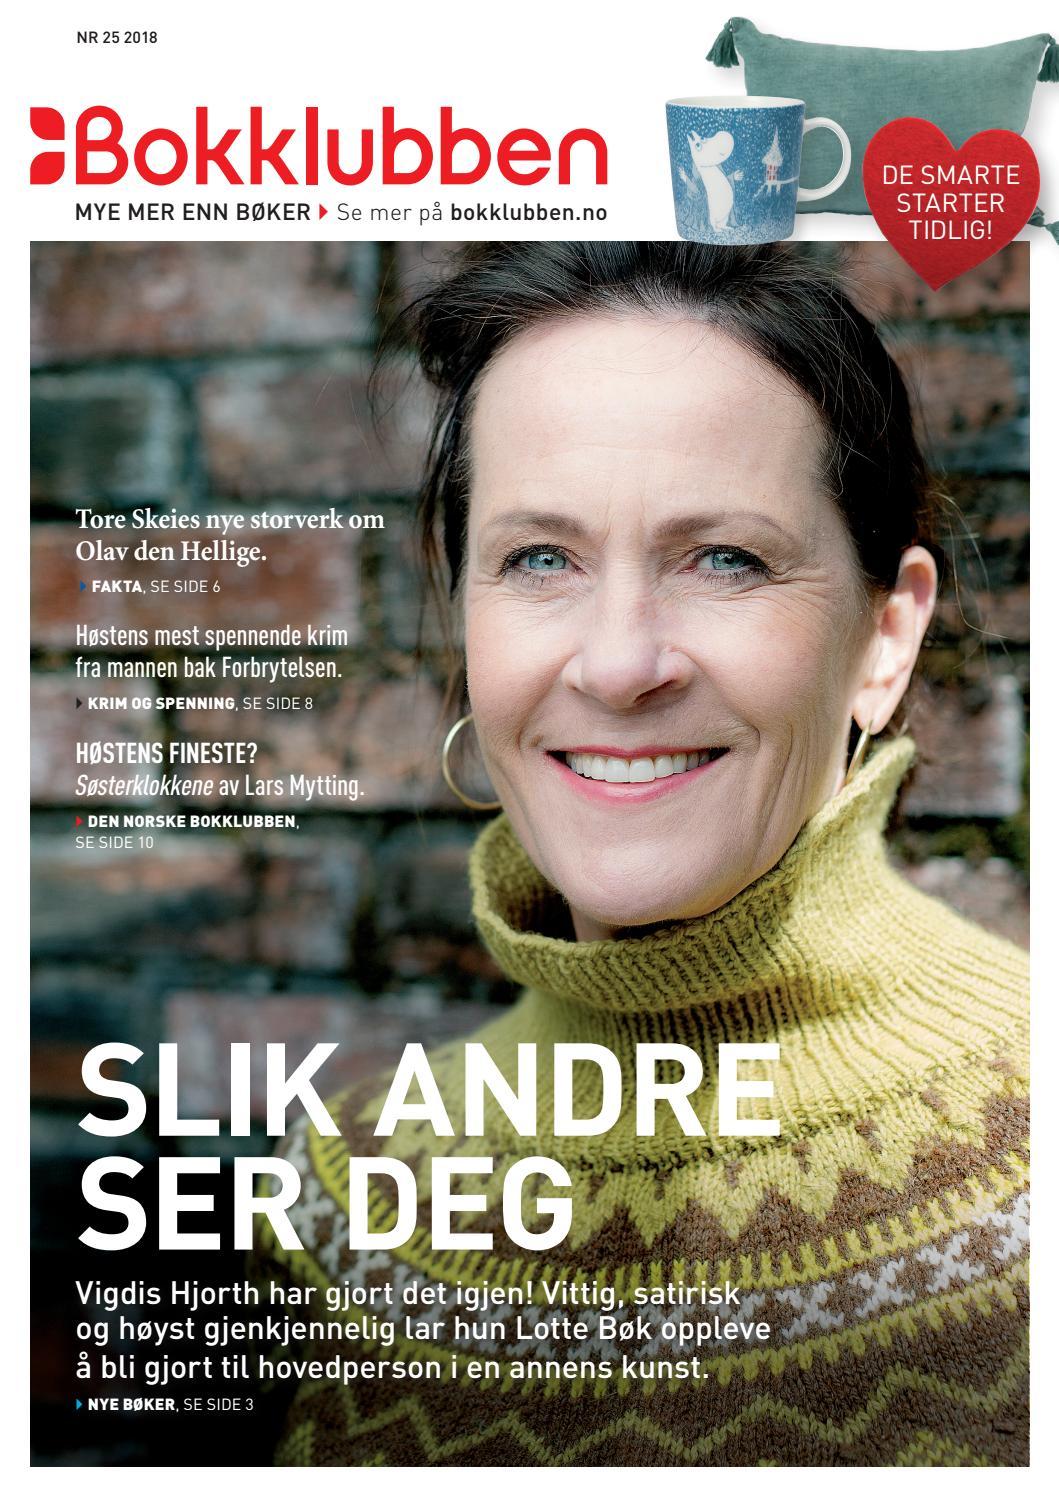 acc9dd1a1 Bokklubben - Medlemsblad nr 25, 2018 by De norske Bokklubbene - issuu